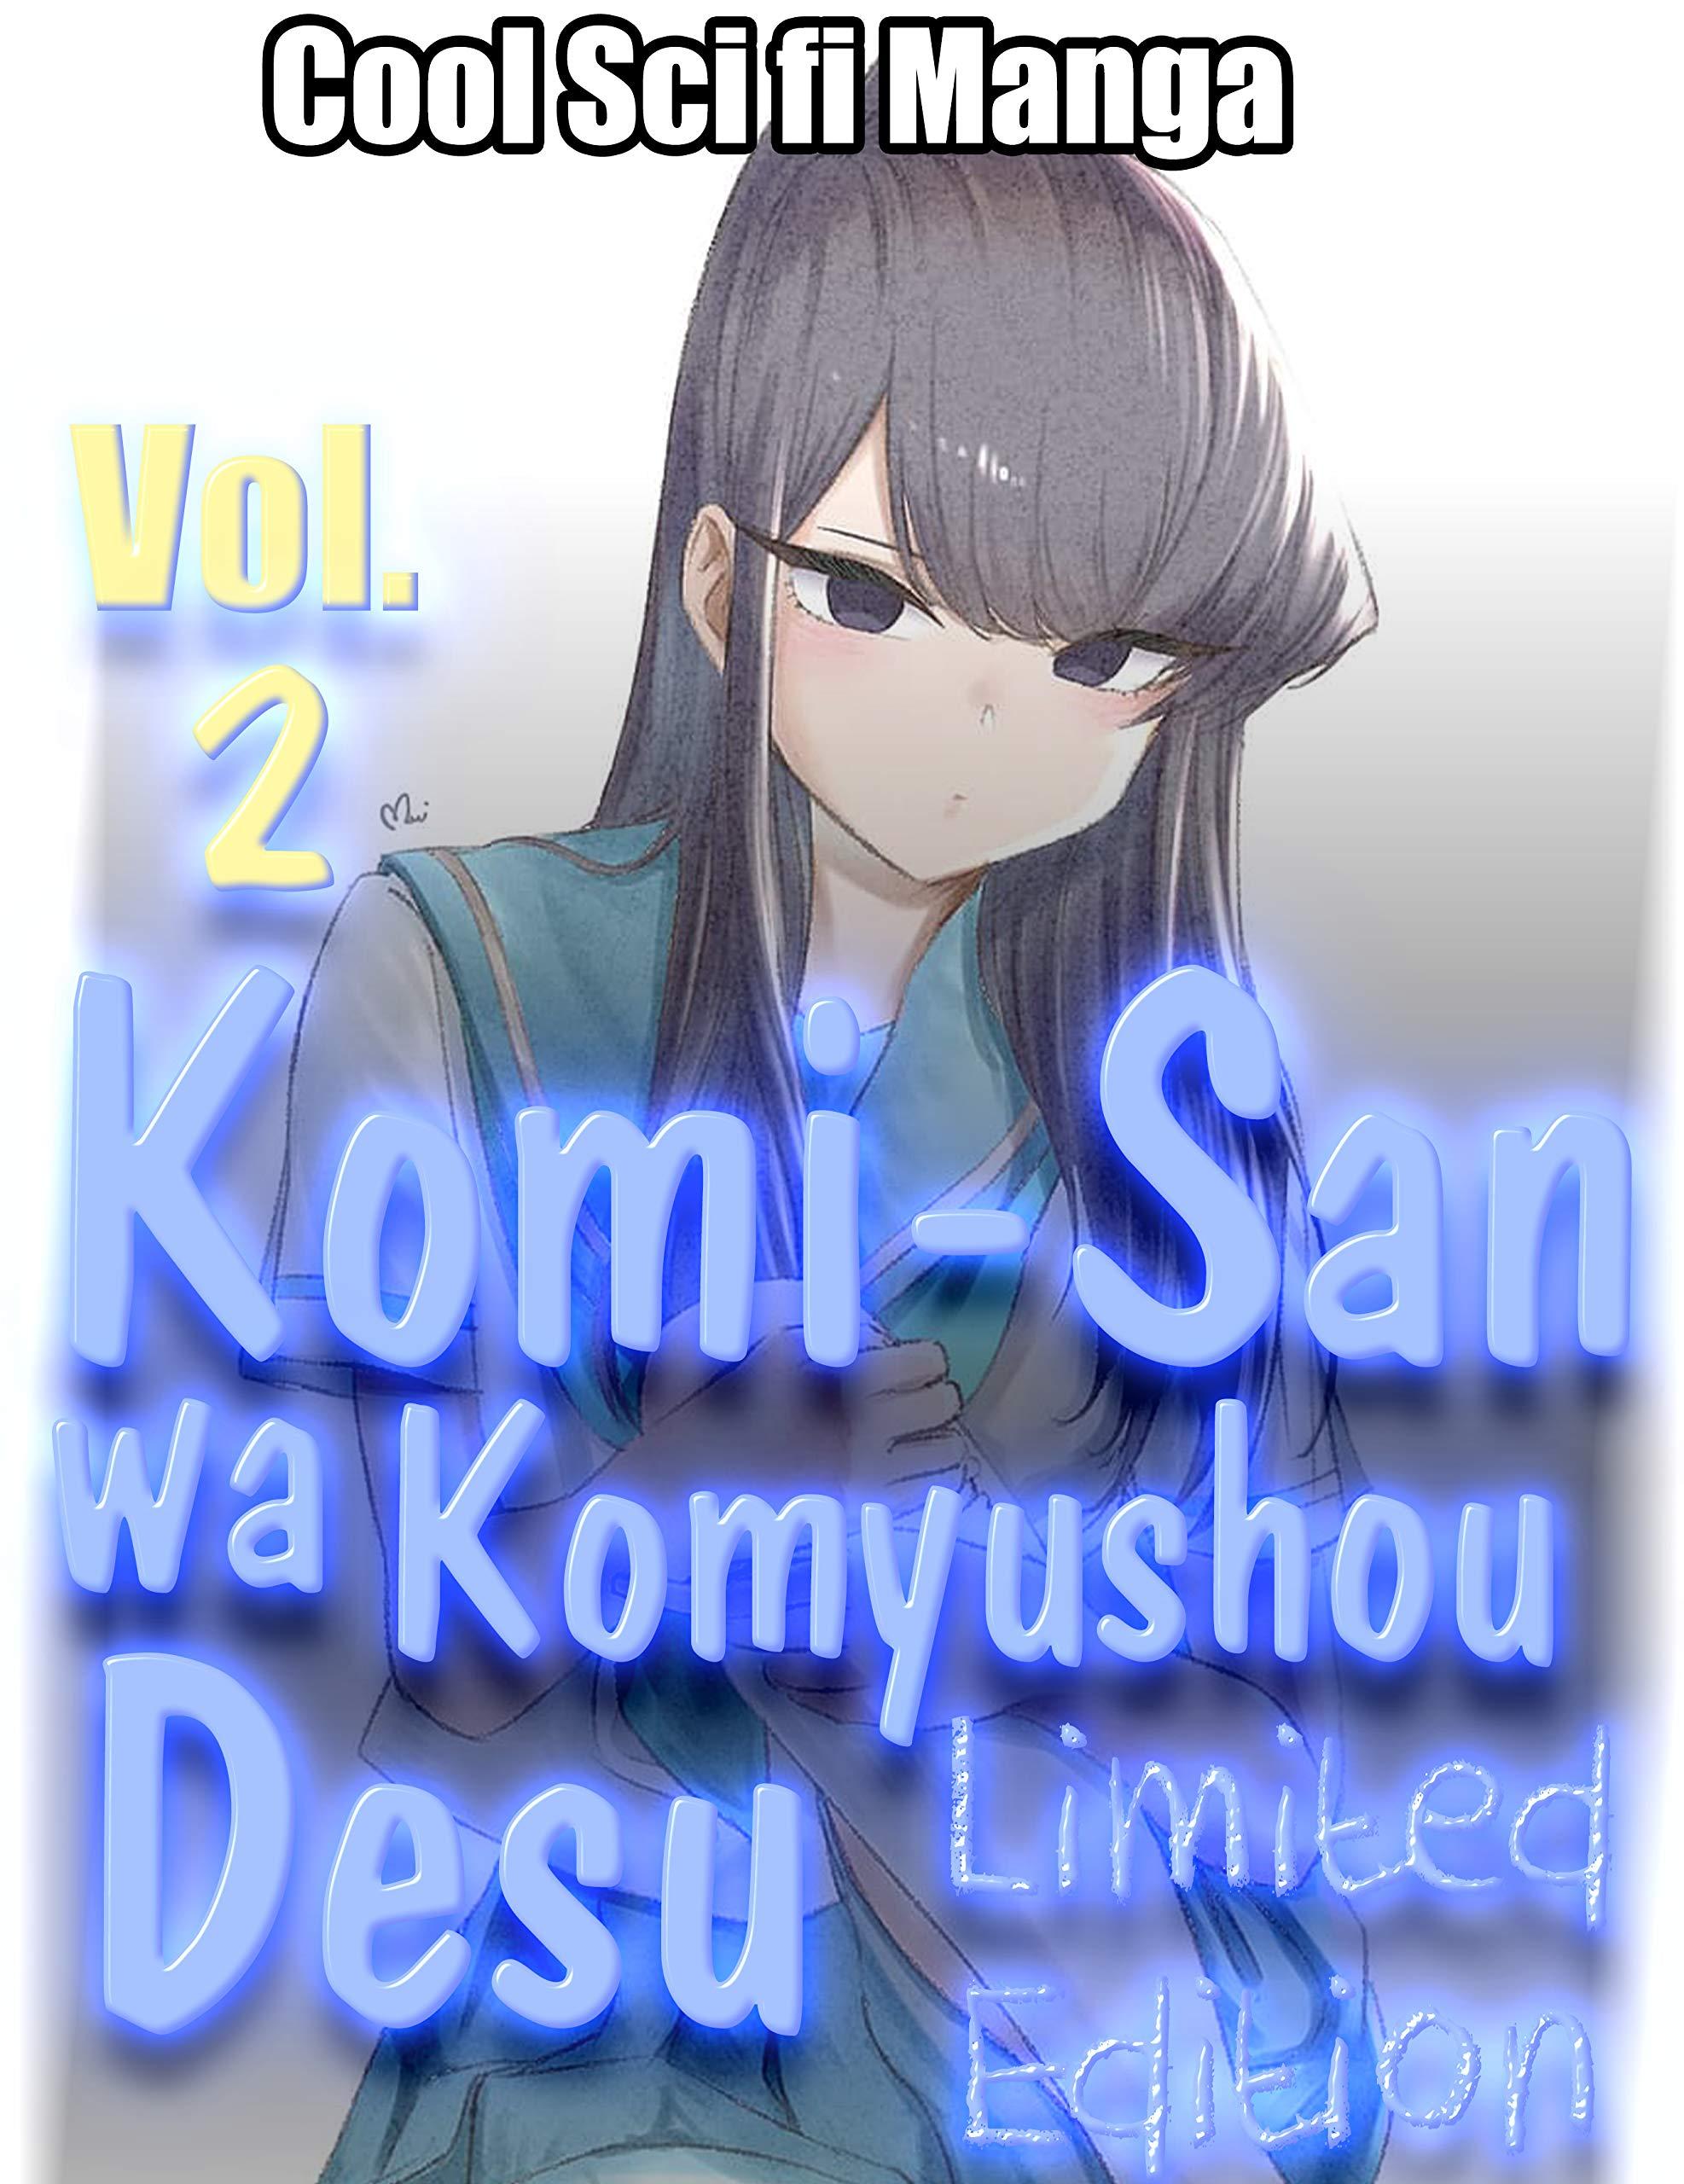 Cool Sci fi Manga Komi-San Wa Komyushou Desu Limited Edition: Special Edition Komi-San Wa Komyushou Desu Volume 2